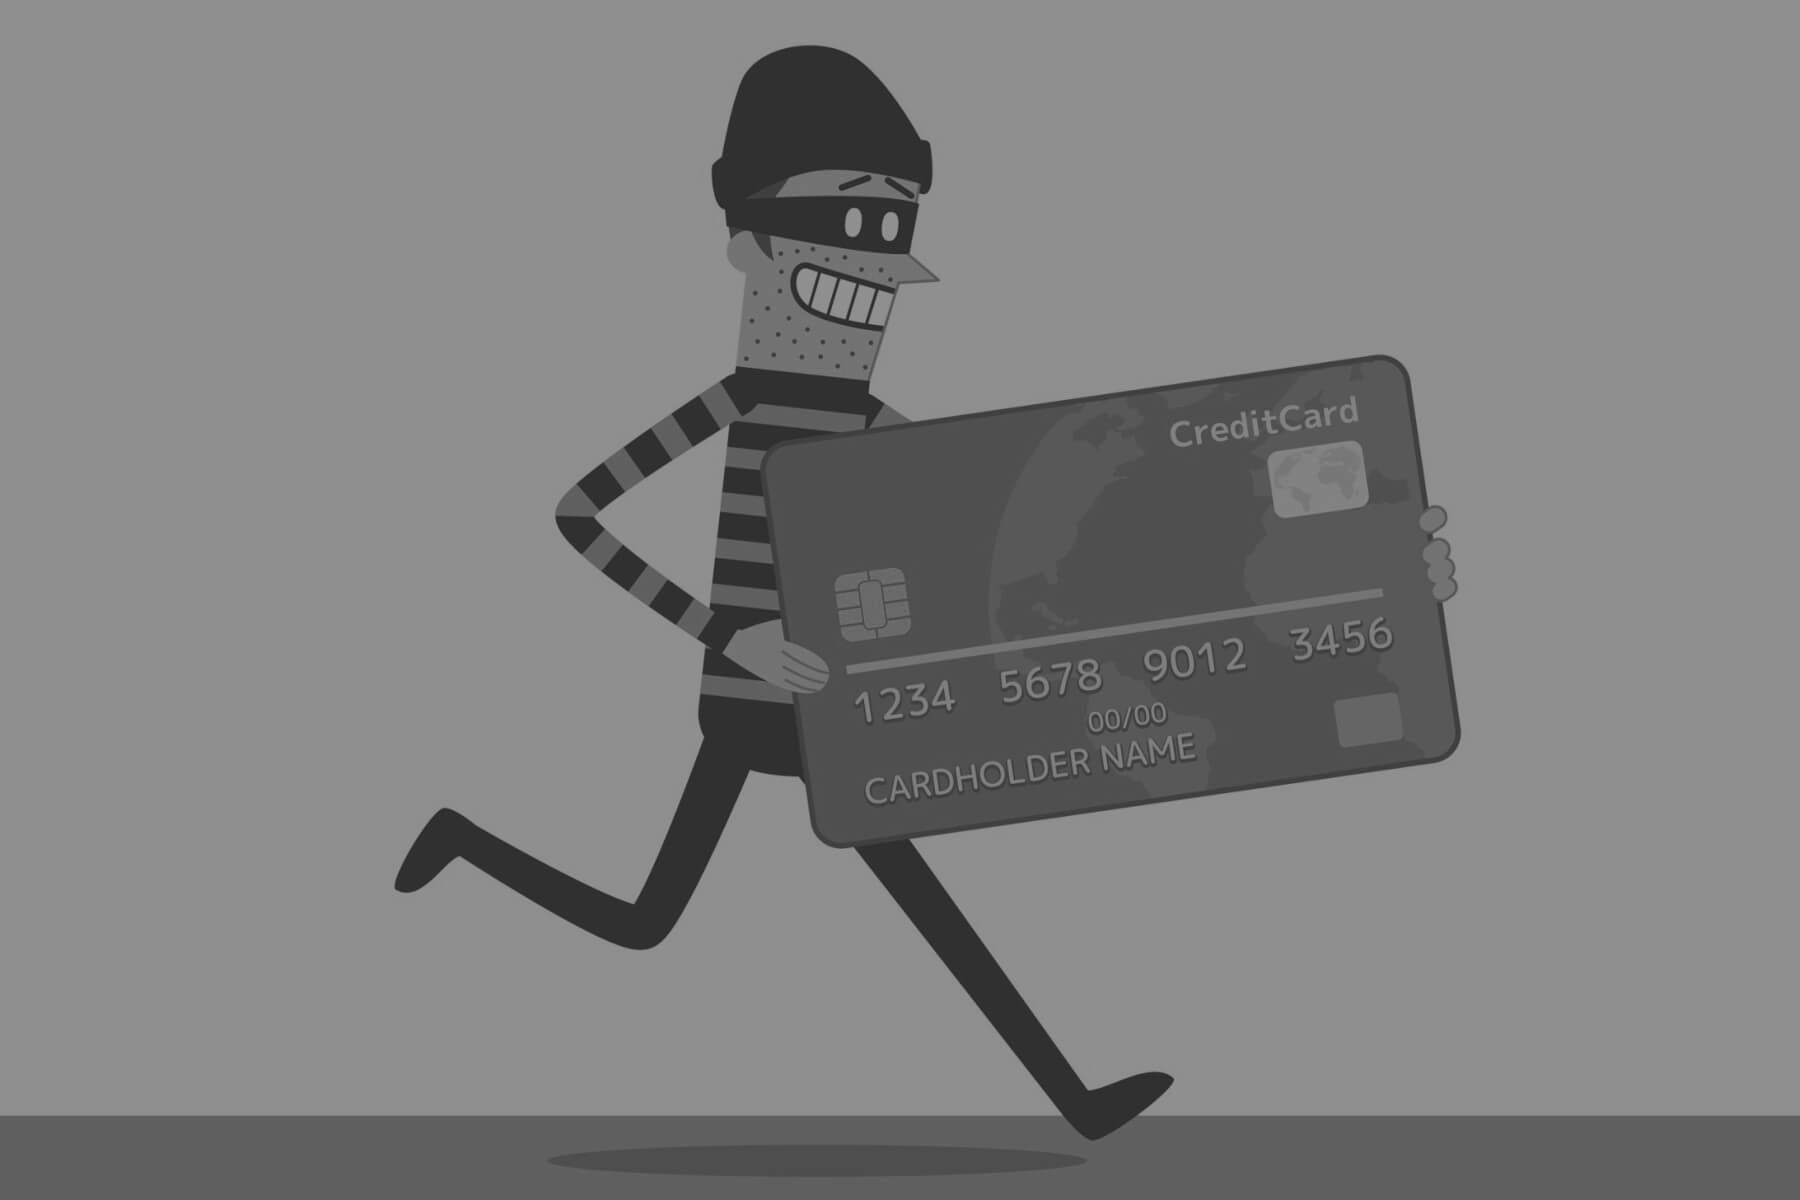 familiar fraud